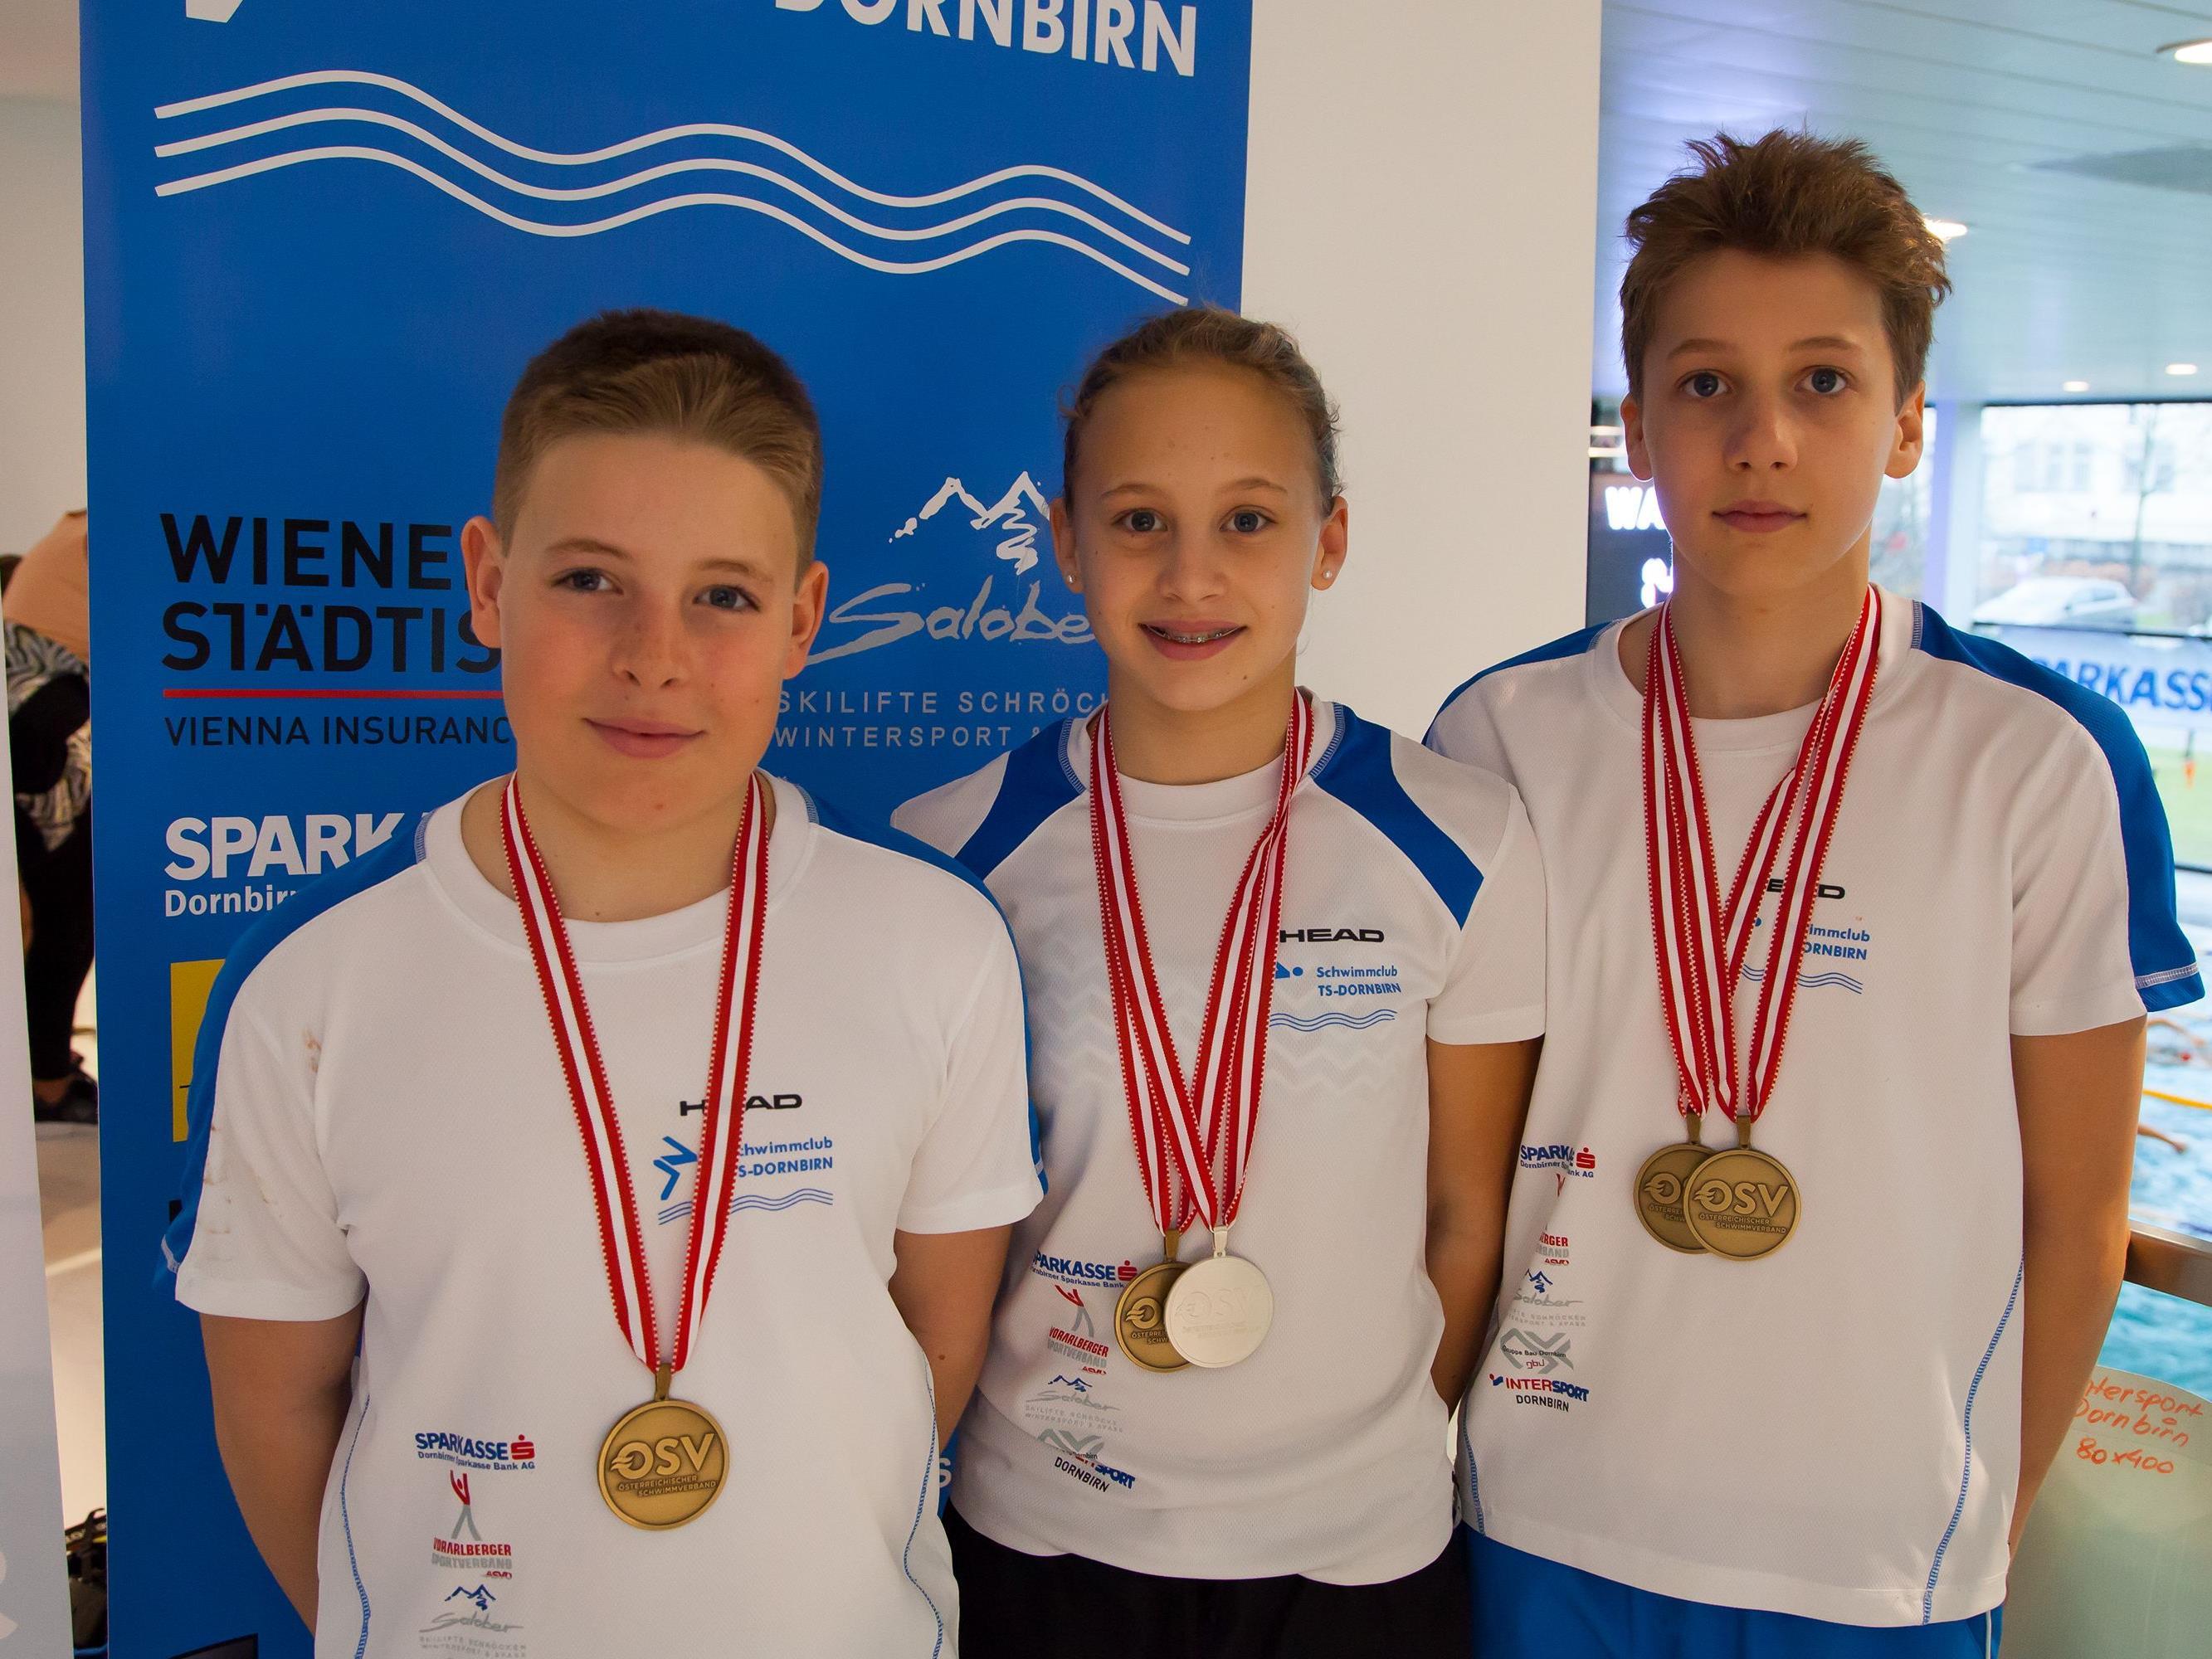 Die stolzen Medaillengewinner Luis Halbeisen, Hanna Röser und Max Halbeisen.